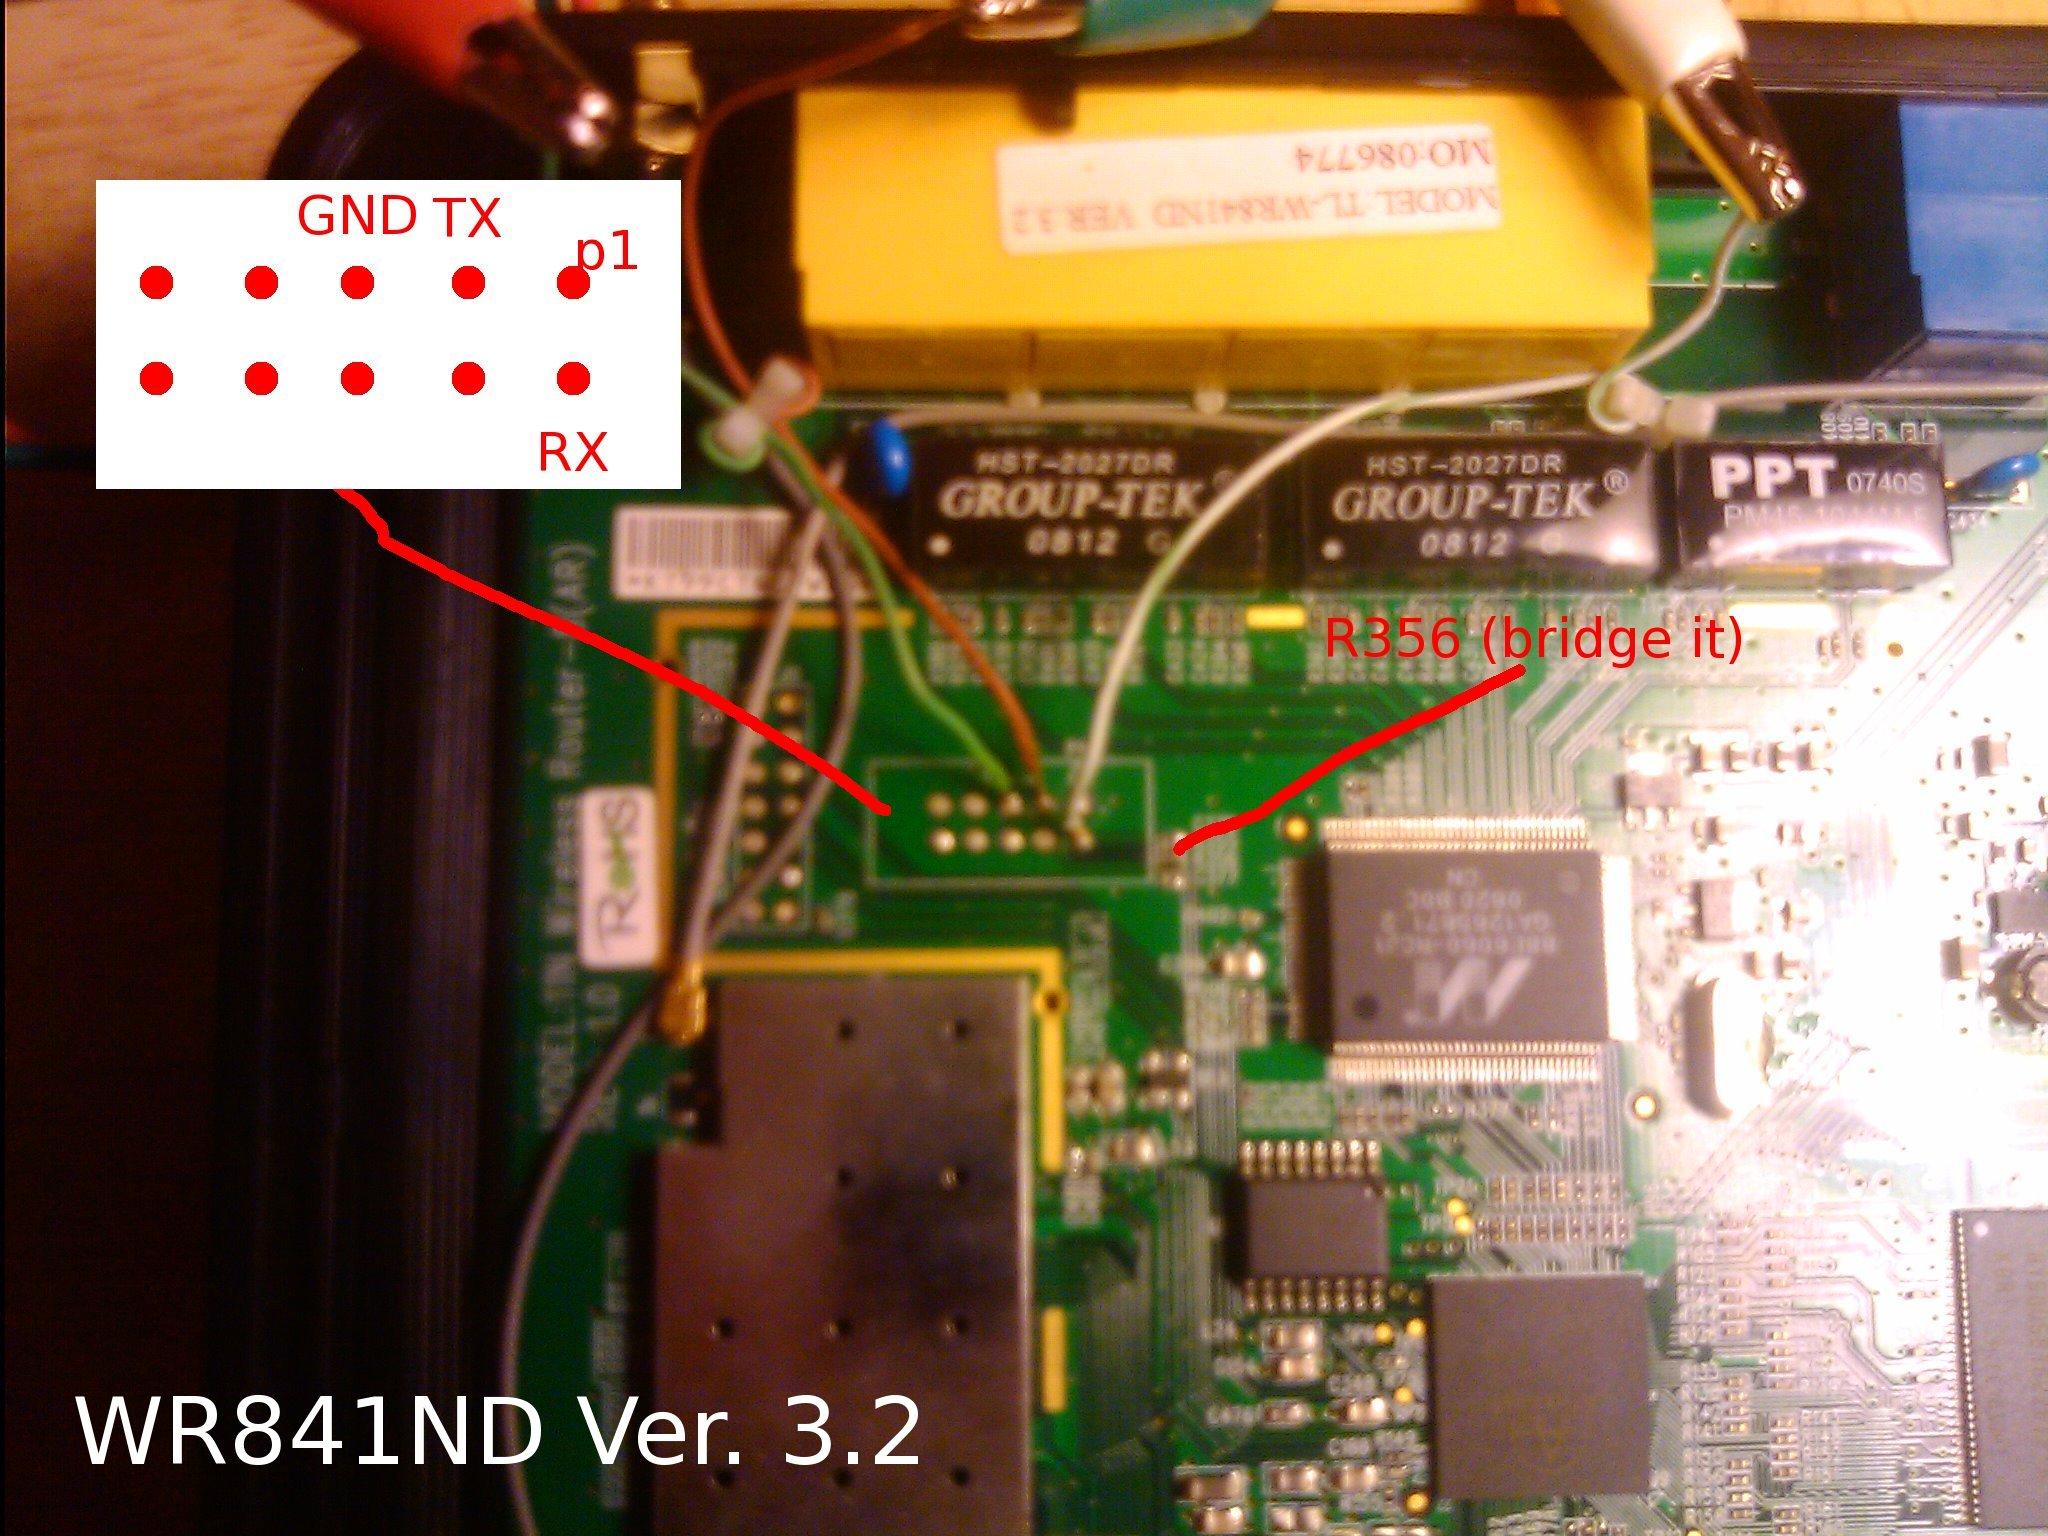 tl-wr841nd-v3.2-serial.jpg